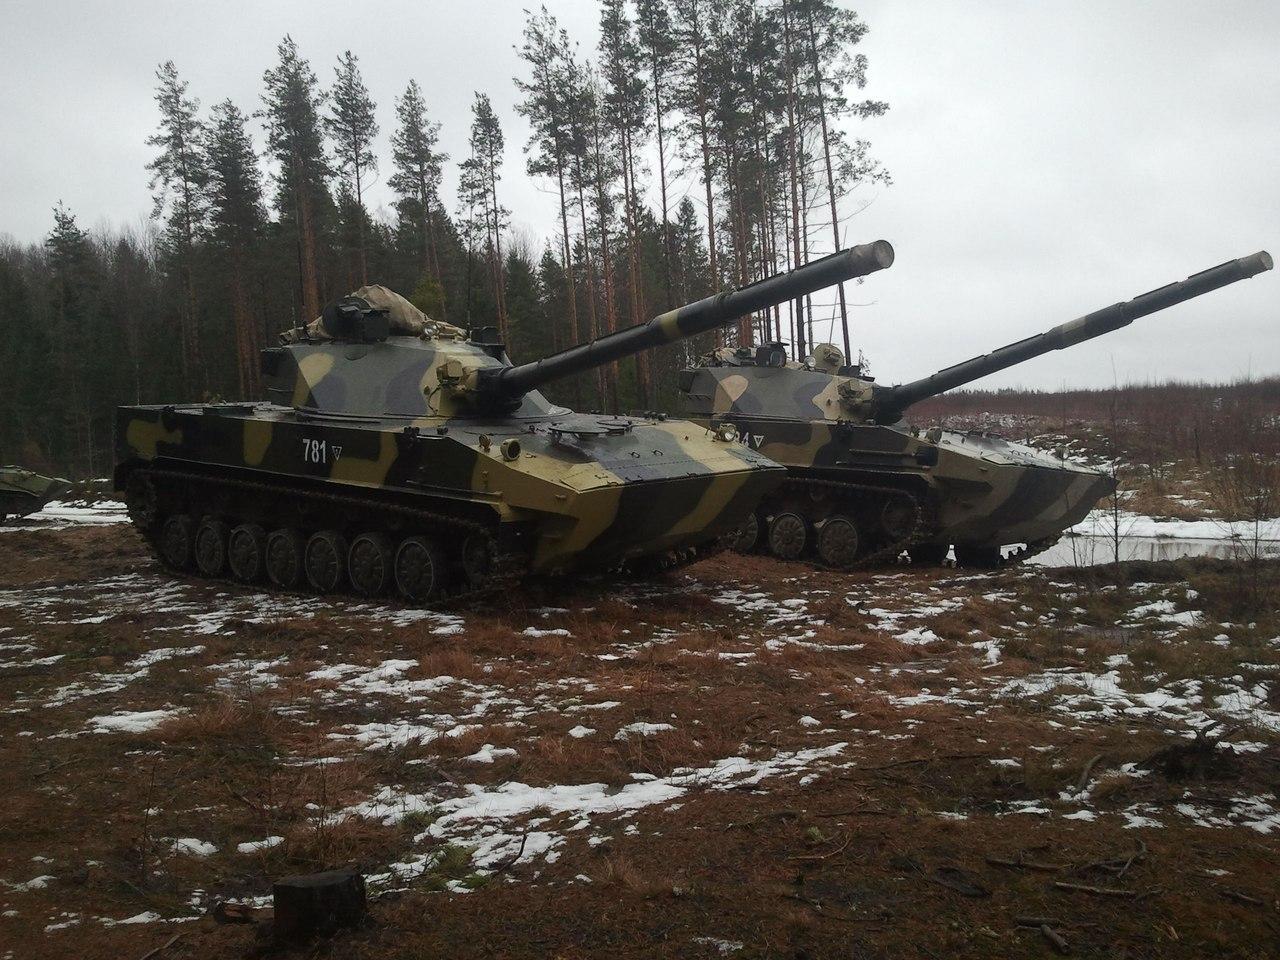 Vídeo: Novo caça tanques do exército russo 2С25 Sprut-SD